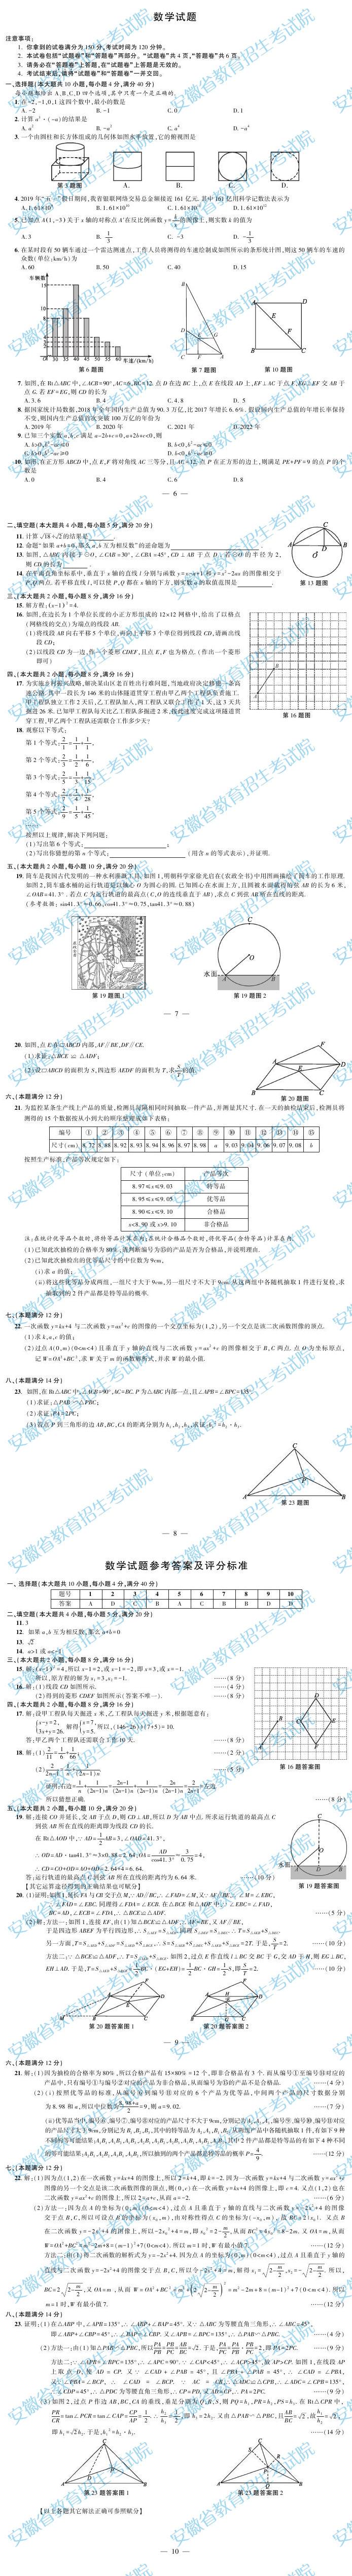 2019年安徽中考数学真题及答案